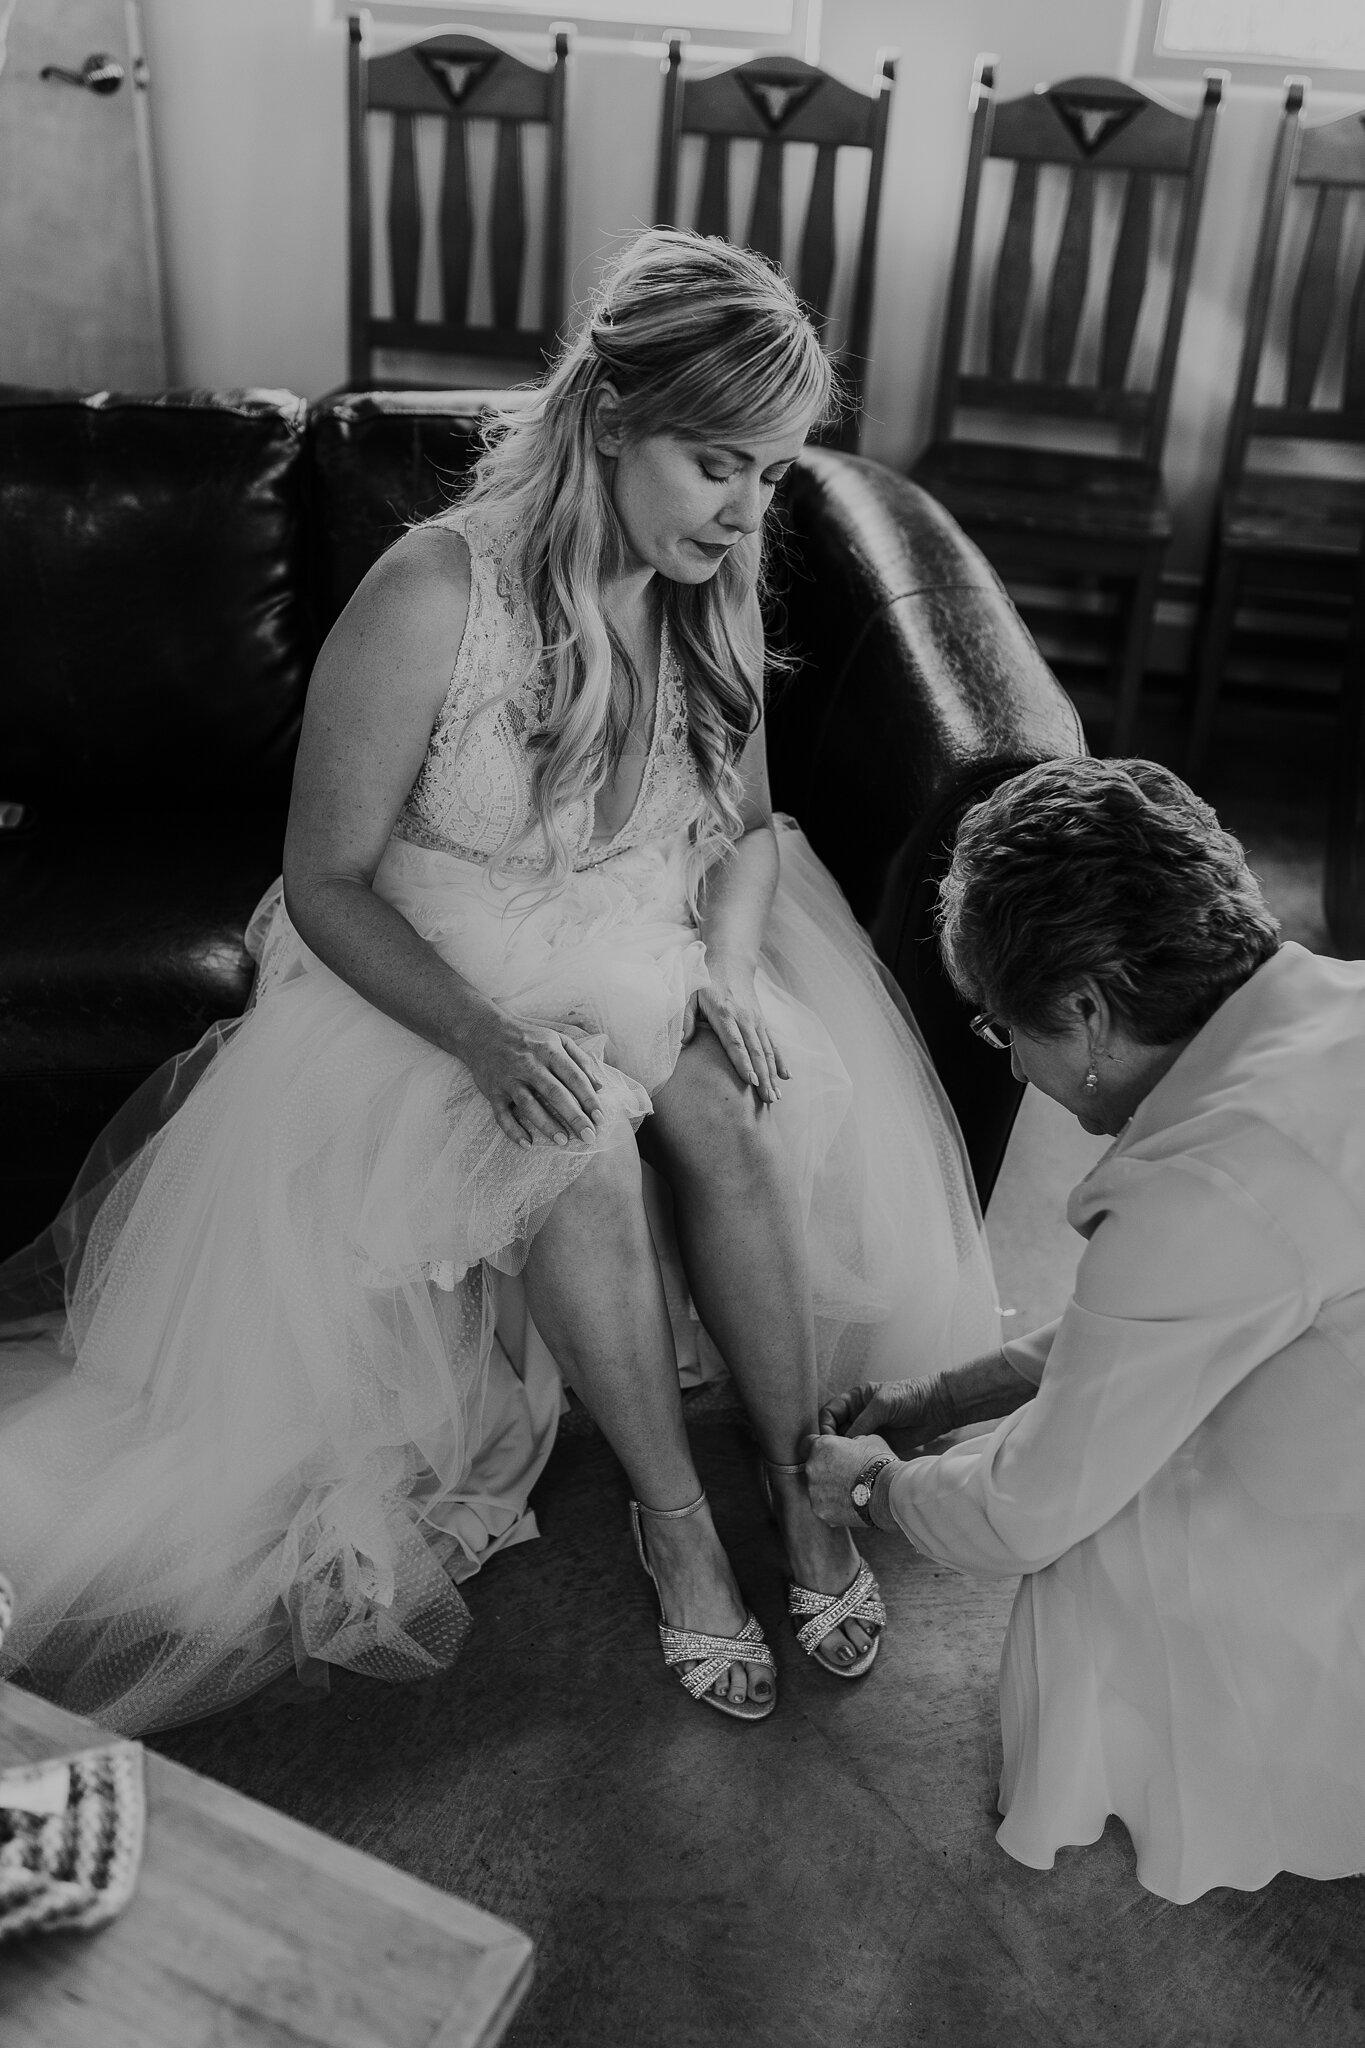 Alicia+lucia+photography+-+albuquerque+wedding+photographer+-+santa+fe+wedding+photography+-+new+mexico+wedding+photographer+-+new+mexico+wedding+-+wedding+-+santa+fe+wedding+-+ghost+ranch+-+ghost+ranch+wedding+-+fall+wedding_0012.jpg